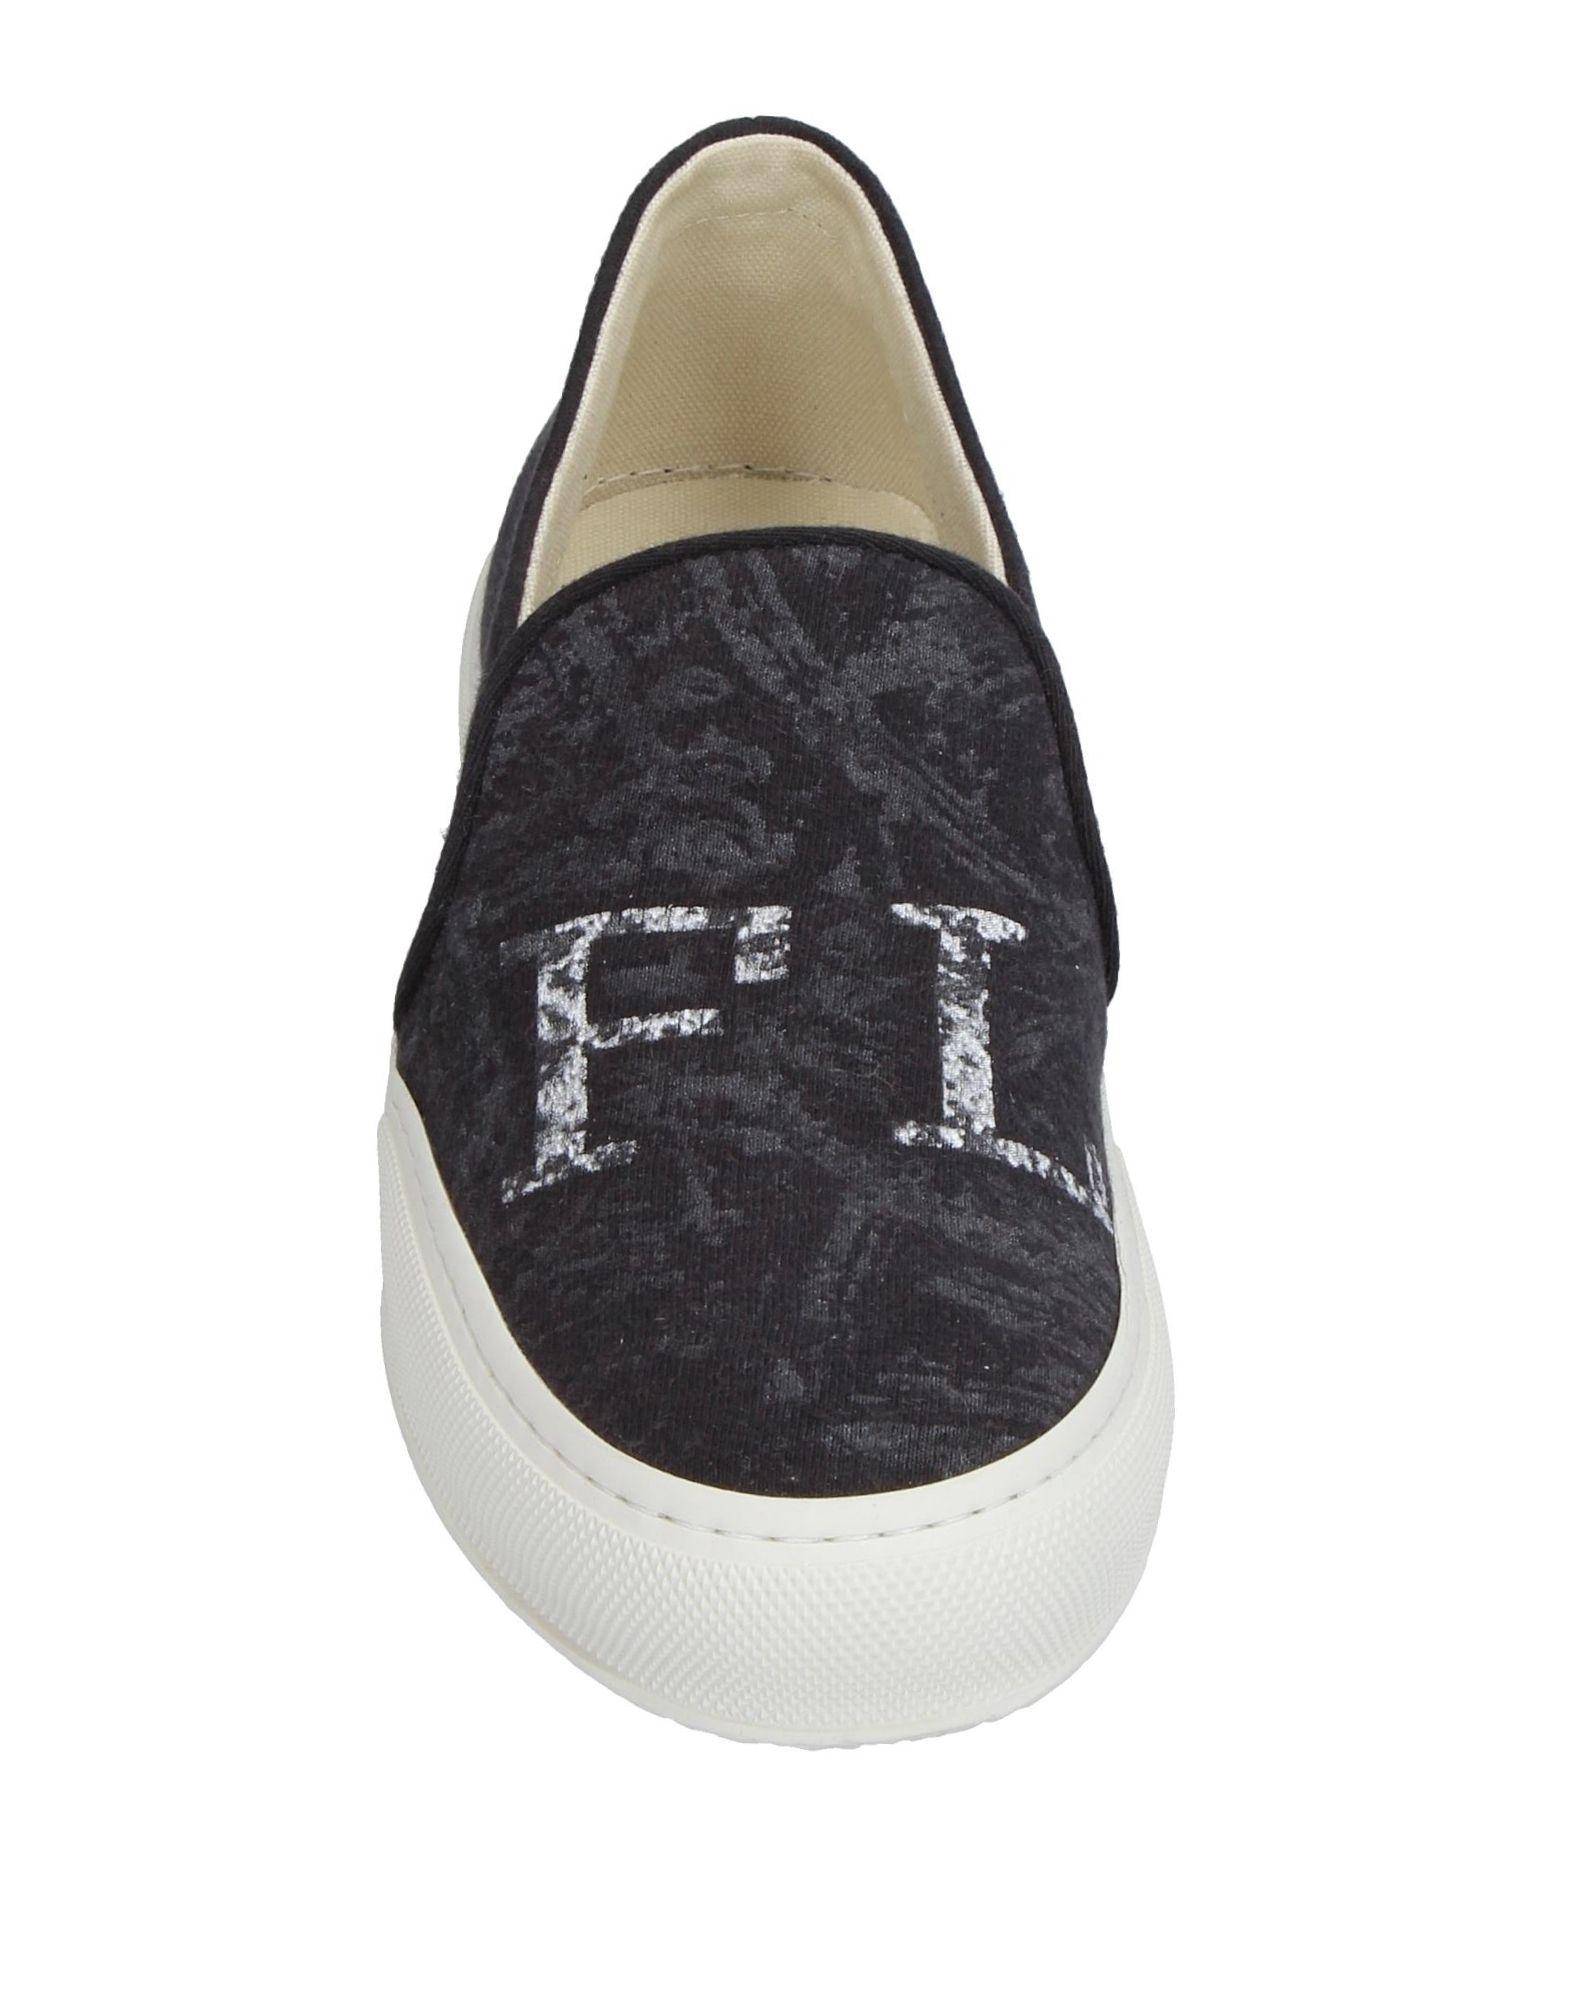 Joshua*S Joshua*S  Sneakers Damen  11343149TT 761a61